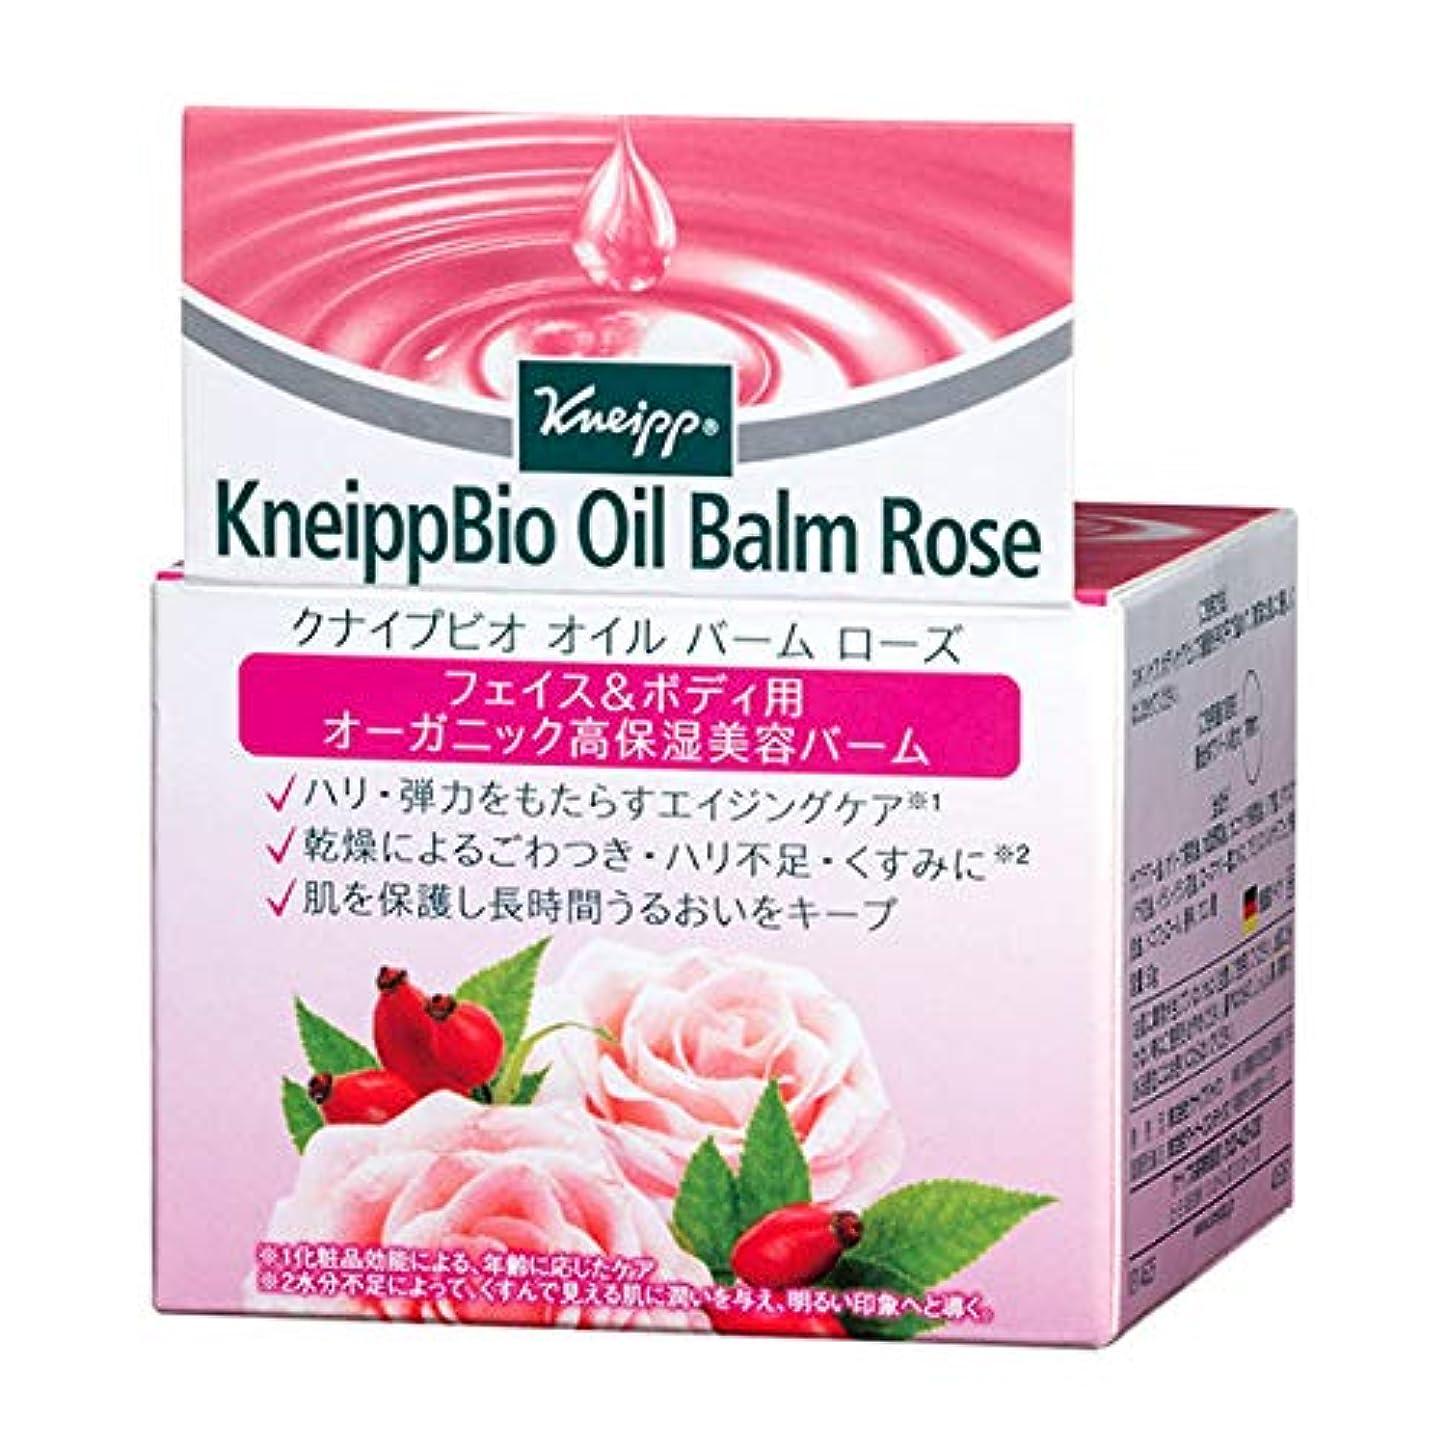 排除する動機付ける良さクナイプ(Kneipp) クナイプビオ オイル バーム ローズ 50g 美容液